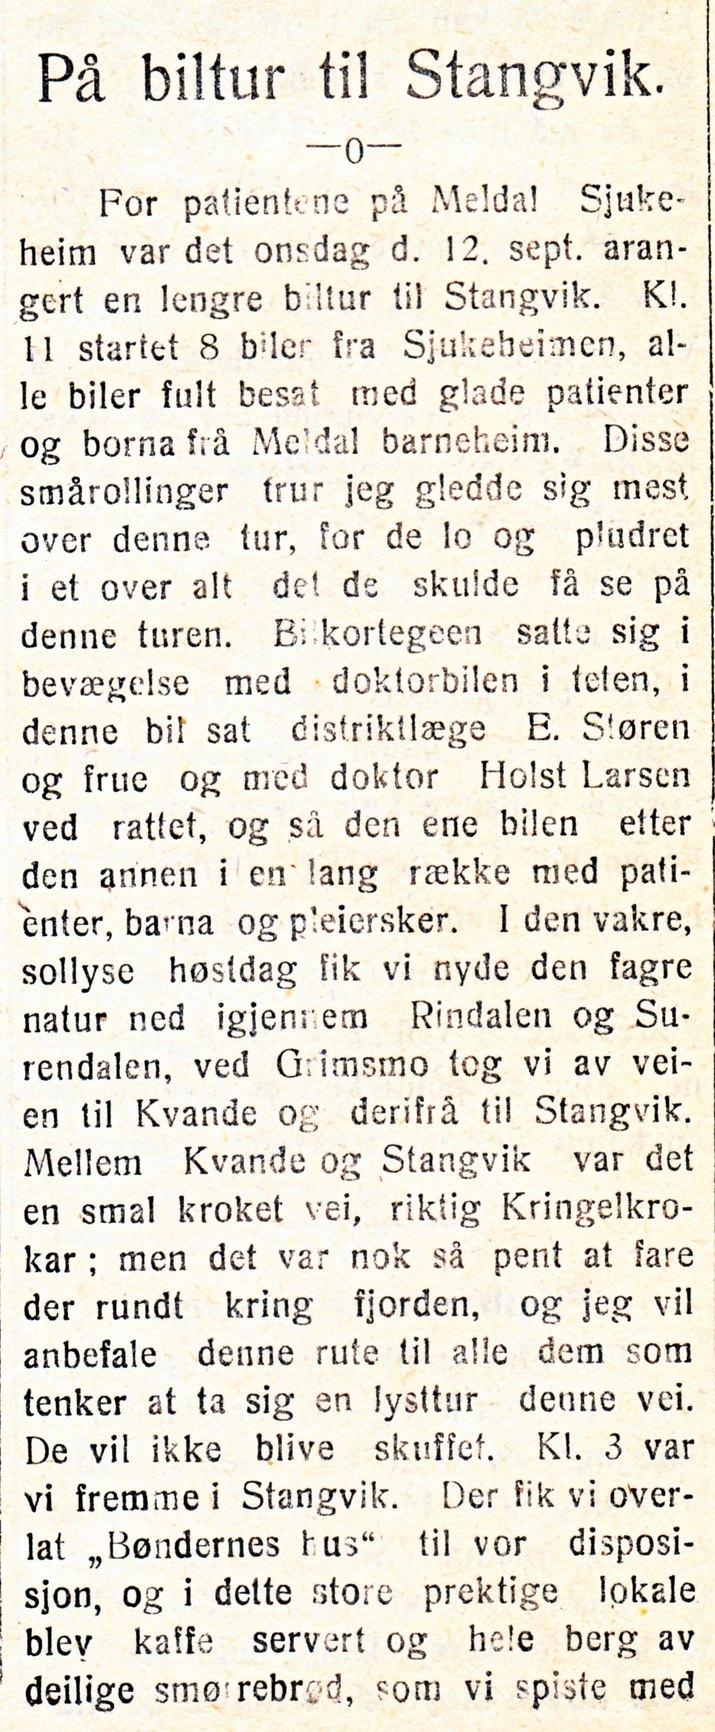 Stangvik 1_715x1732.jpg